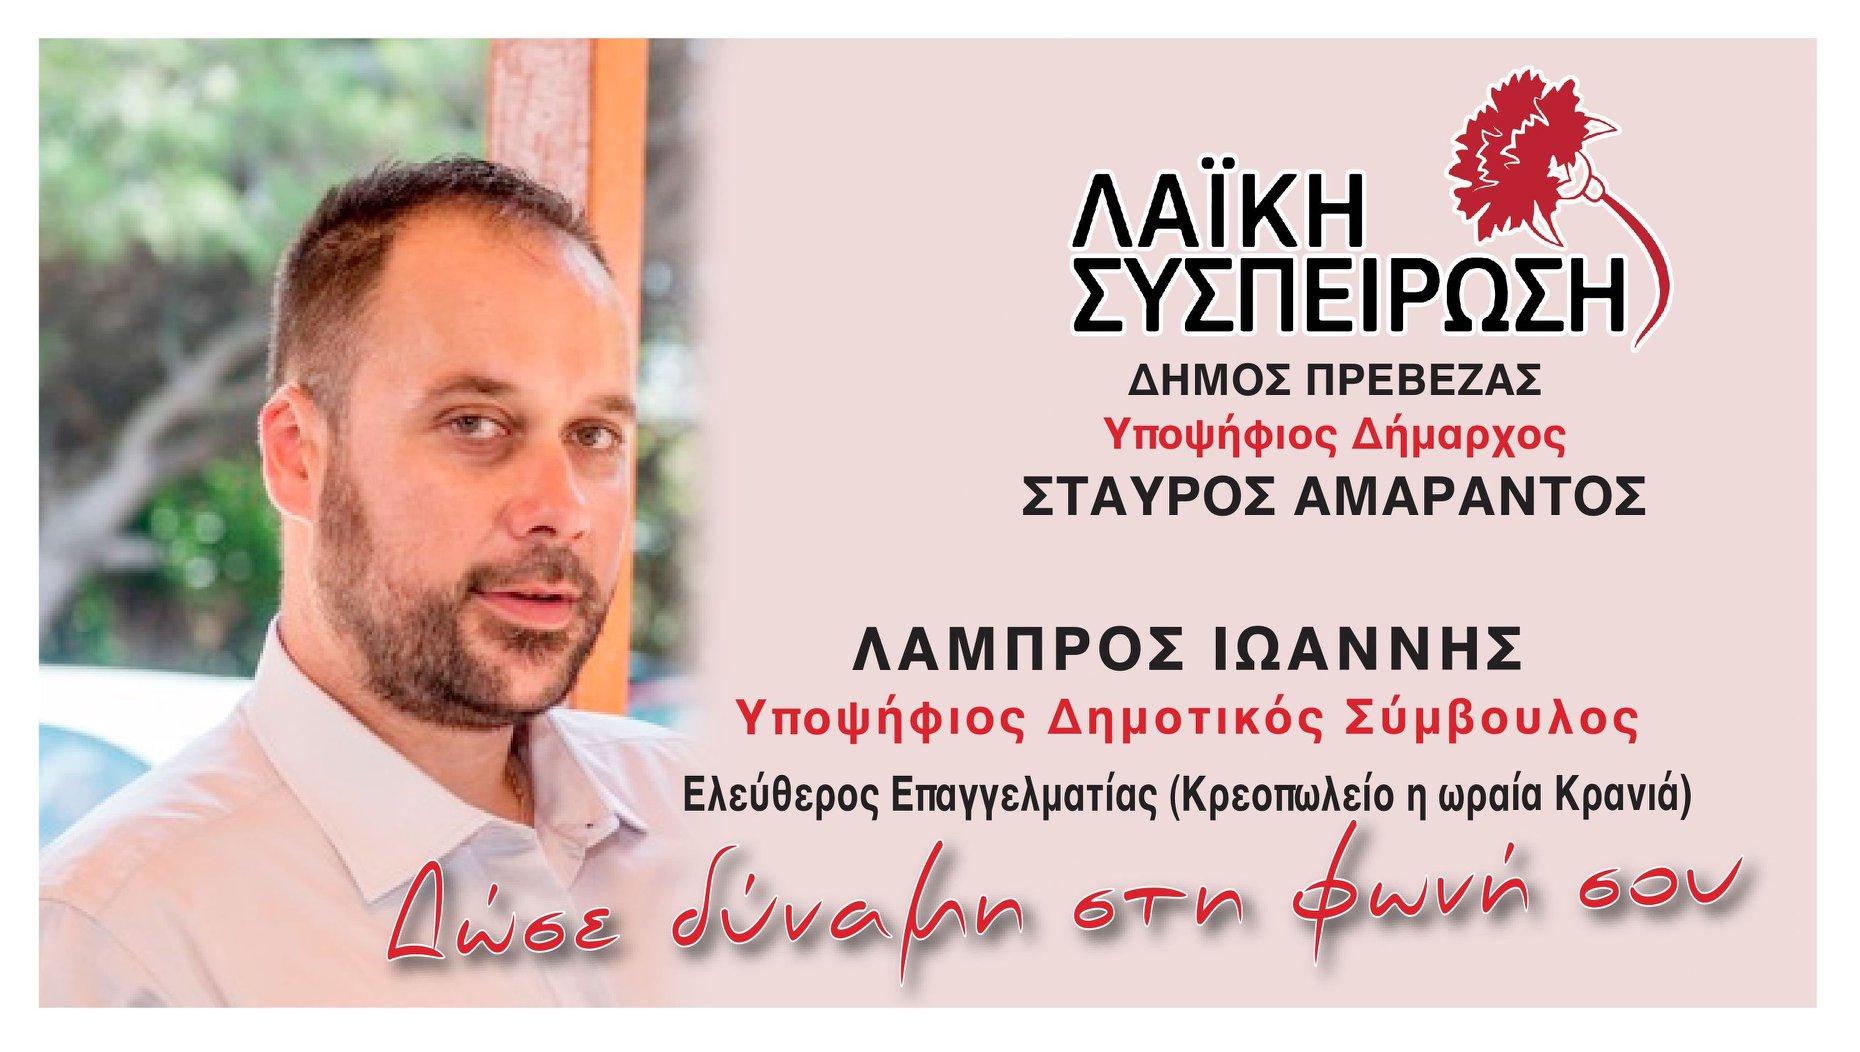 Lamprou Giannis